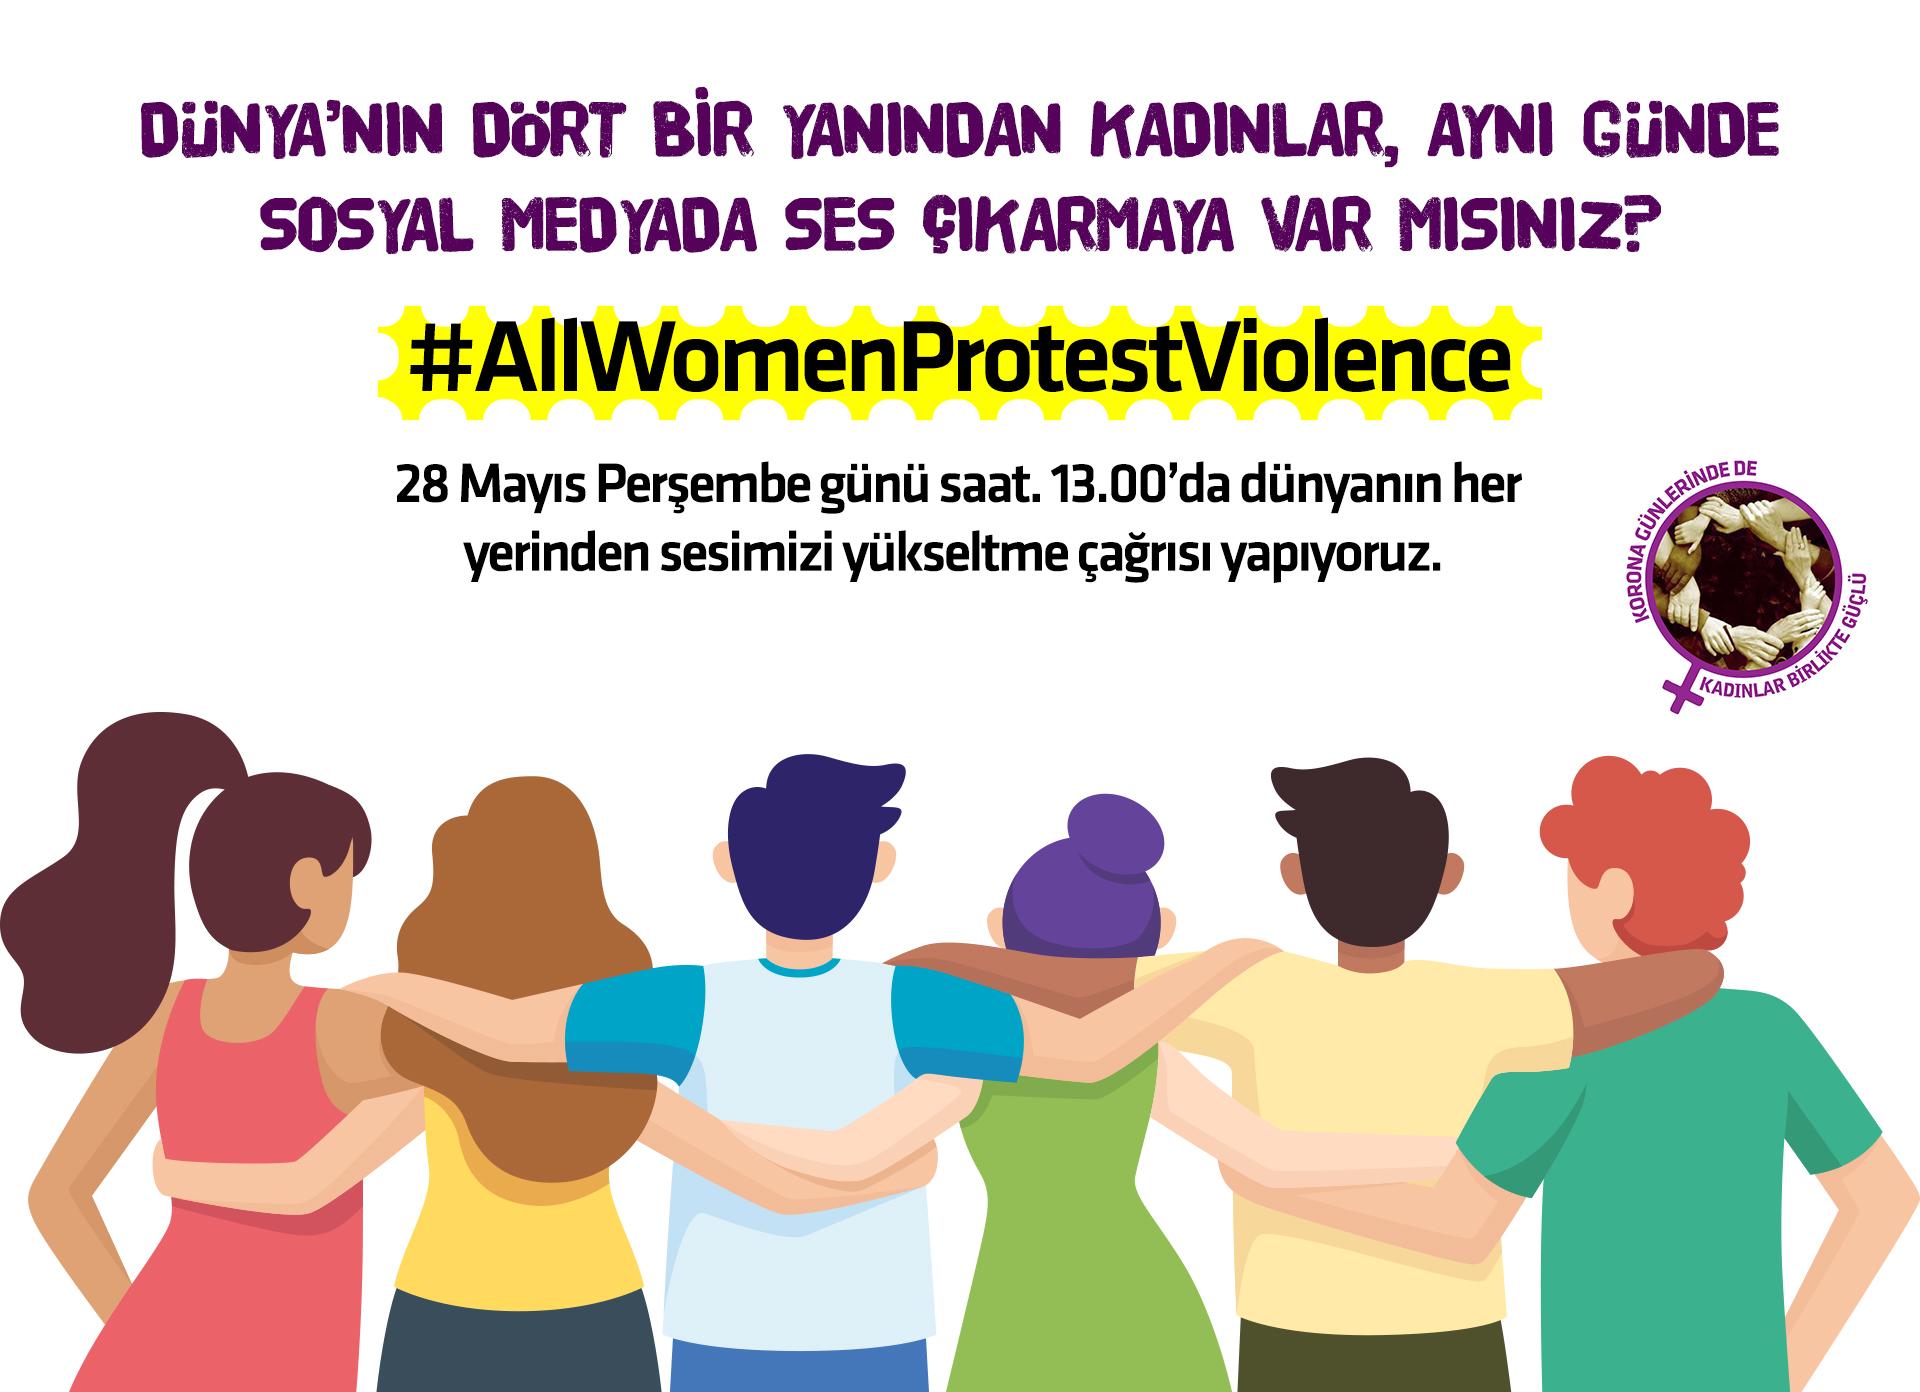 Tüm dünyada kadınlar seslerini birleştiriyor: AllWomenProtestViolence